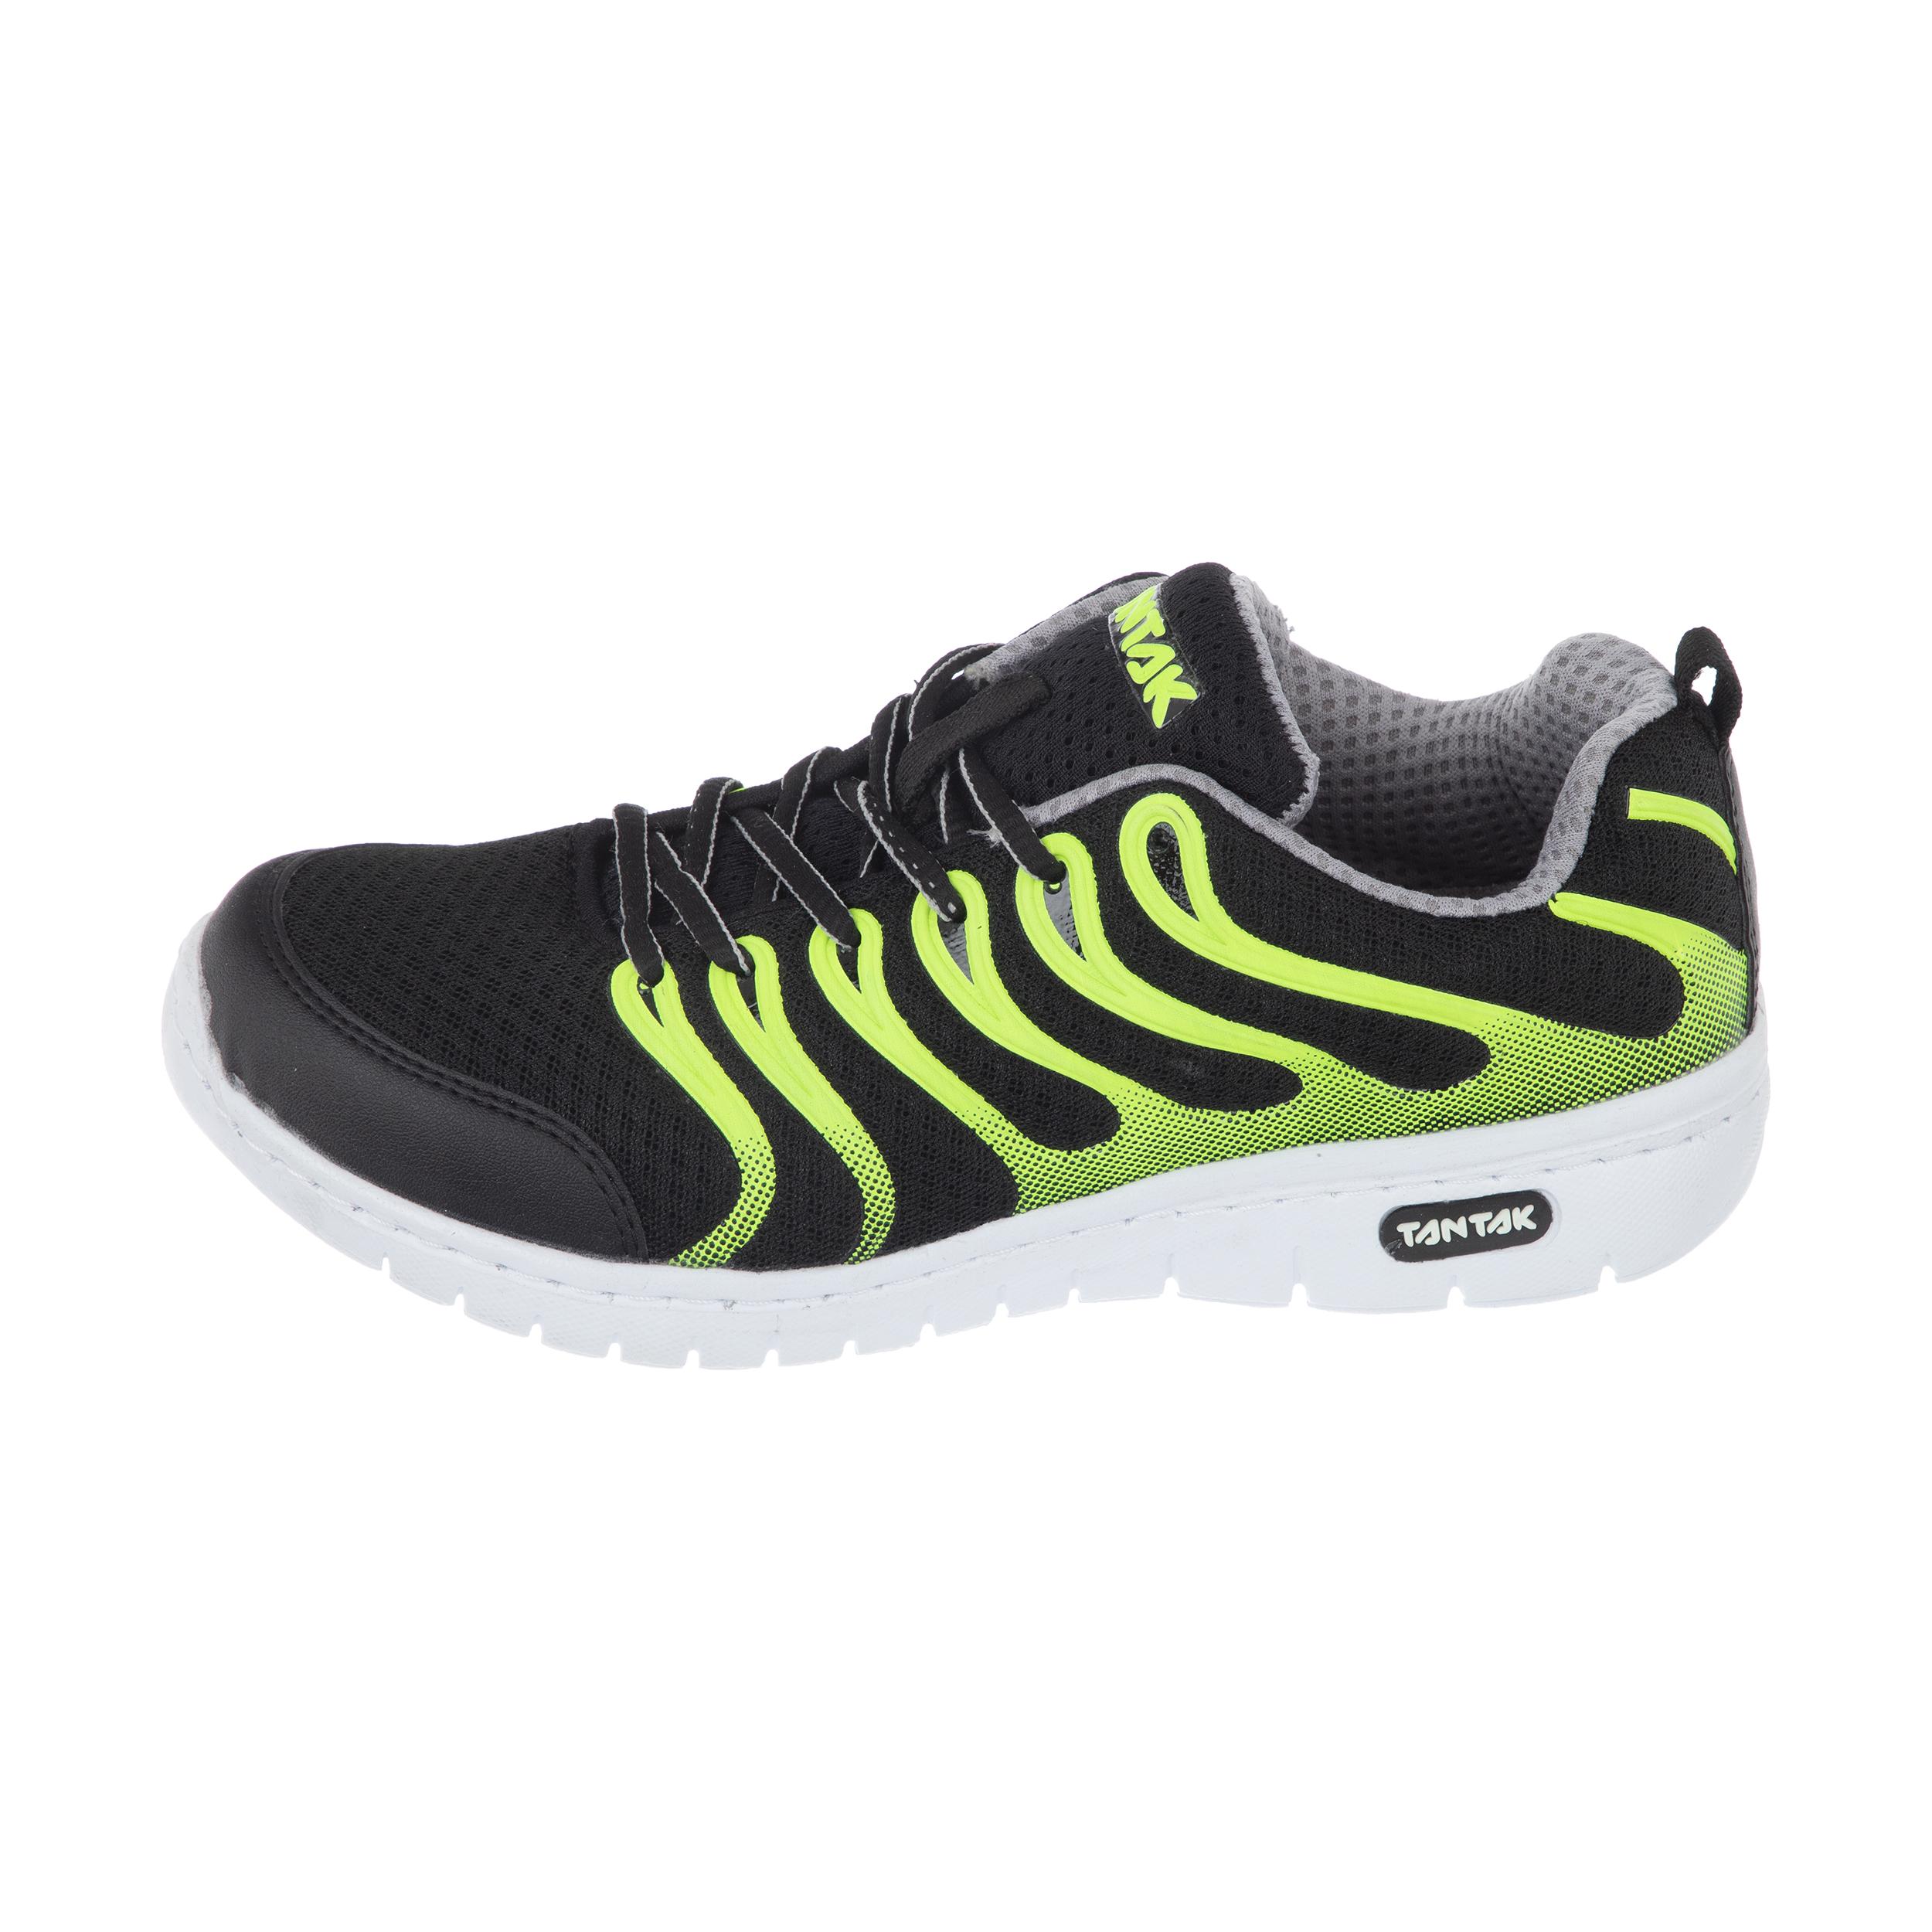 کفش پیاده روی تن تاک مدل هیرو کد 028 رنگ مشکی